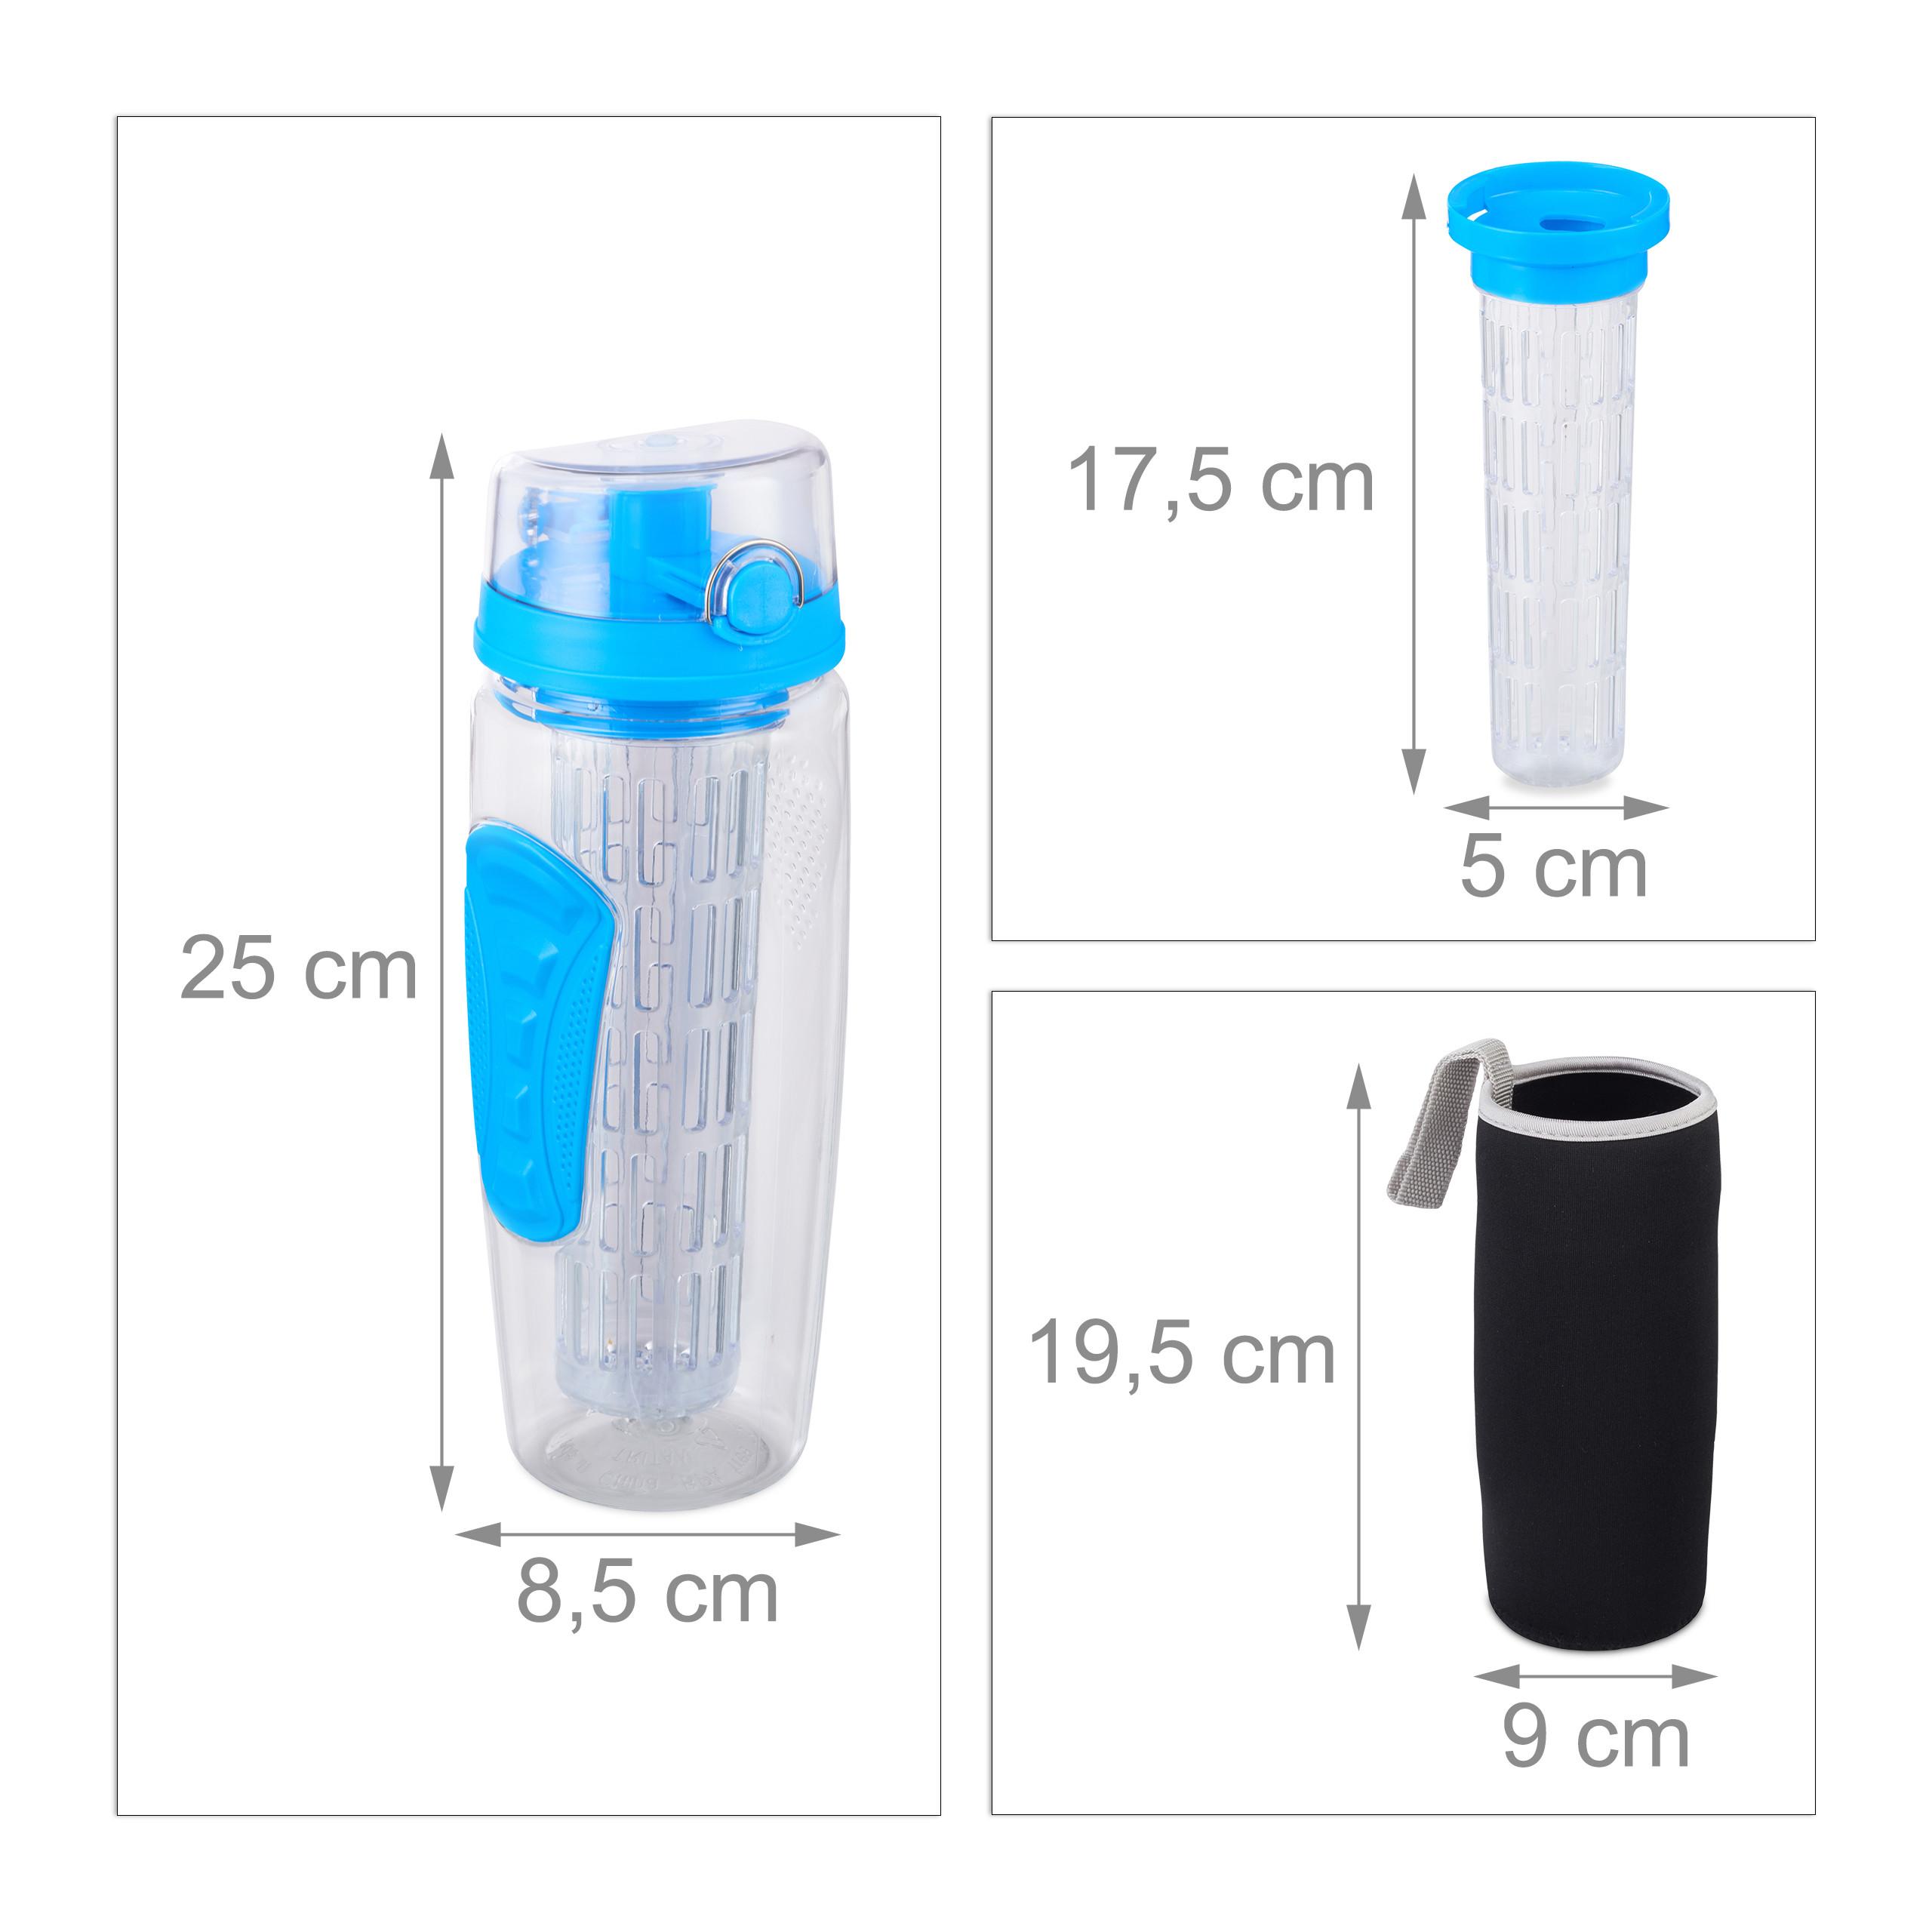 Indexbild 4 - 2 x Trinkflasche Obsteinsatz Infuser Trinkflasche Wasserflasche Infuser Bottle